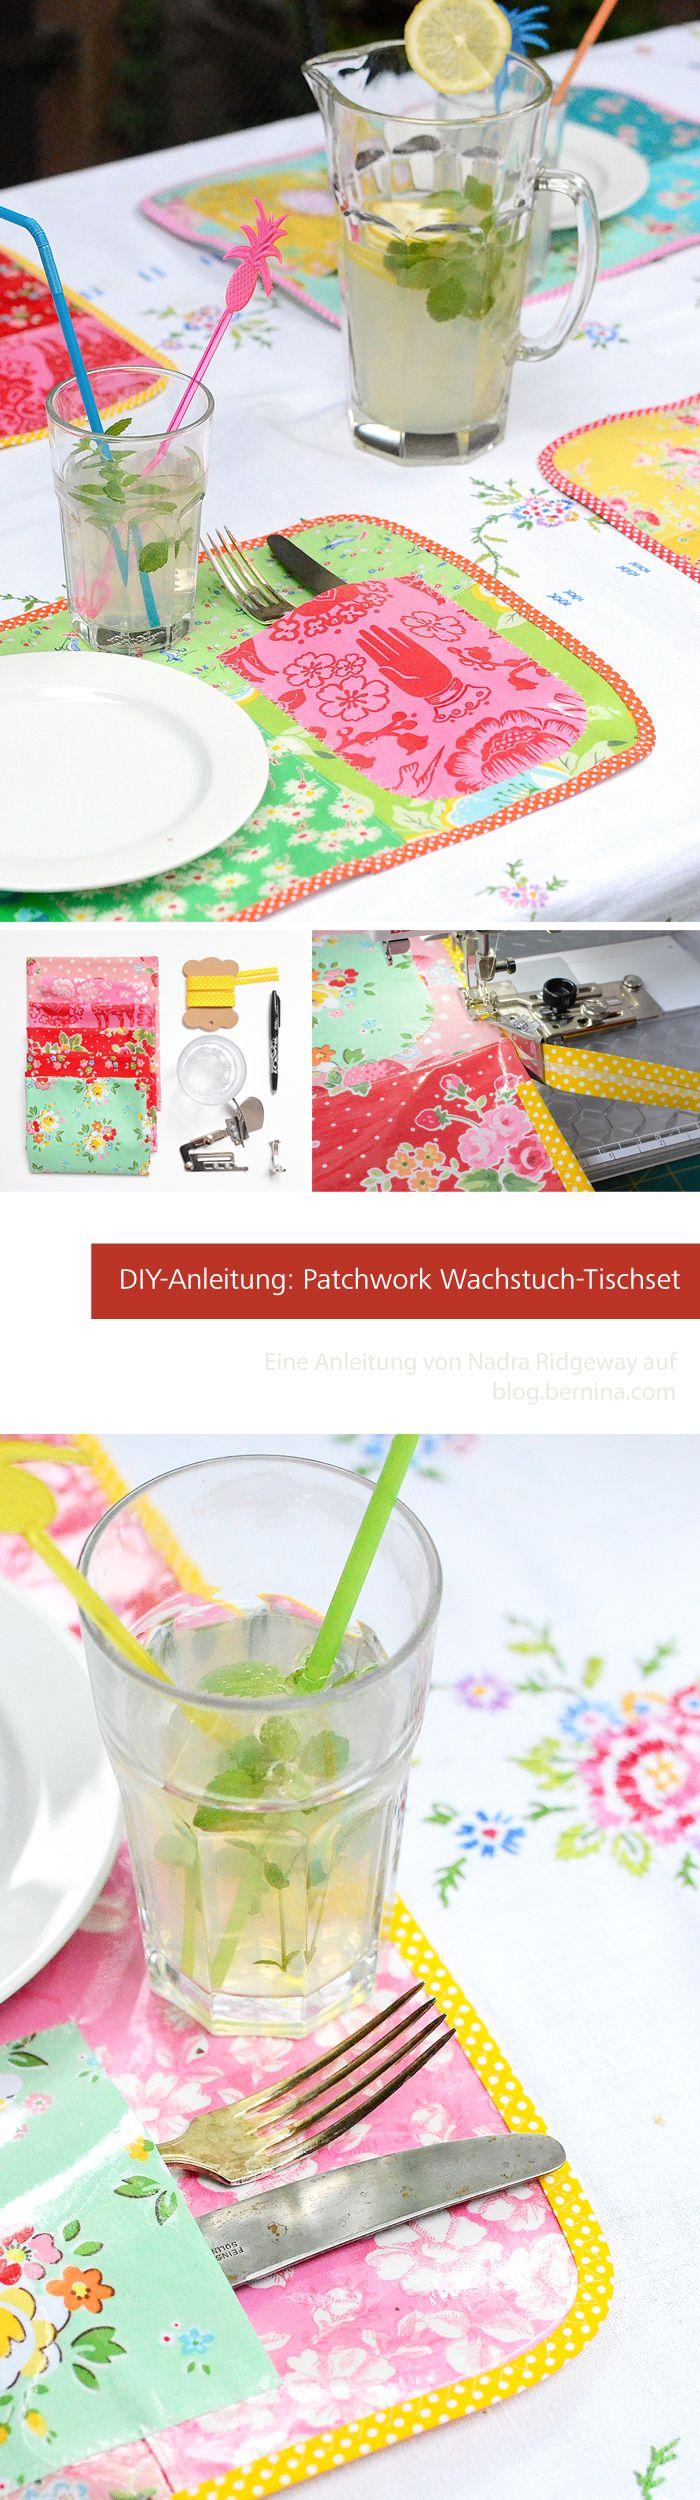 Wachstuch tischset im patchwork look anleitung von nadra ridgeway auf blog bernina